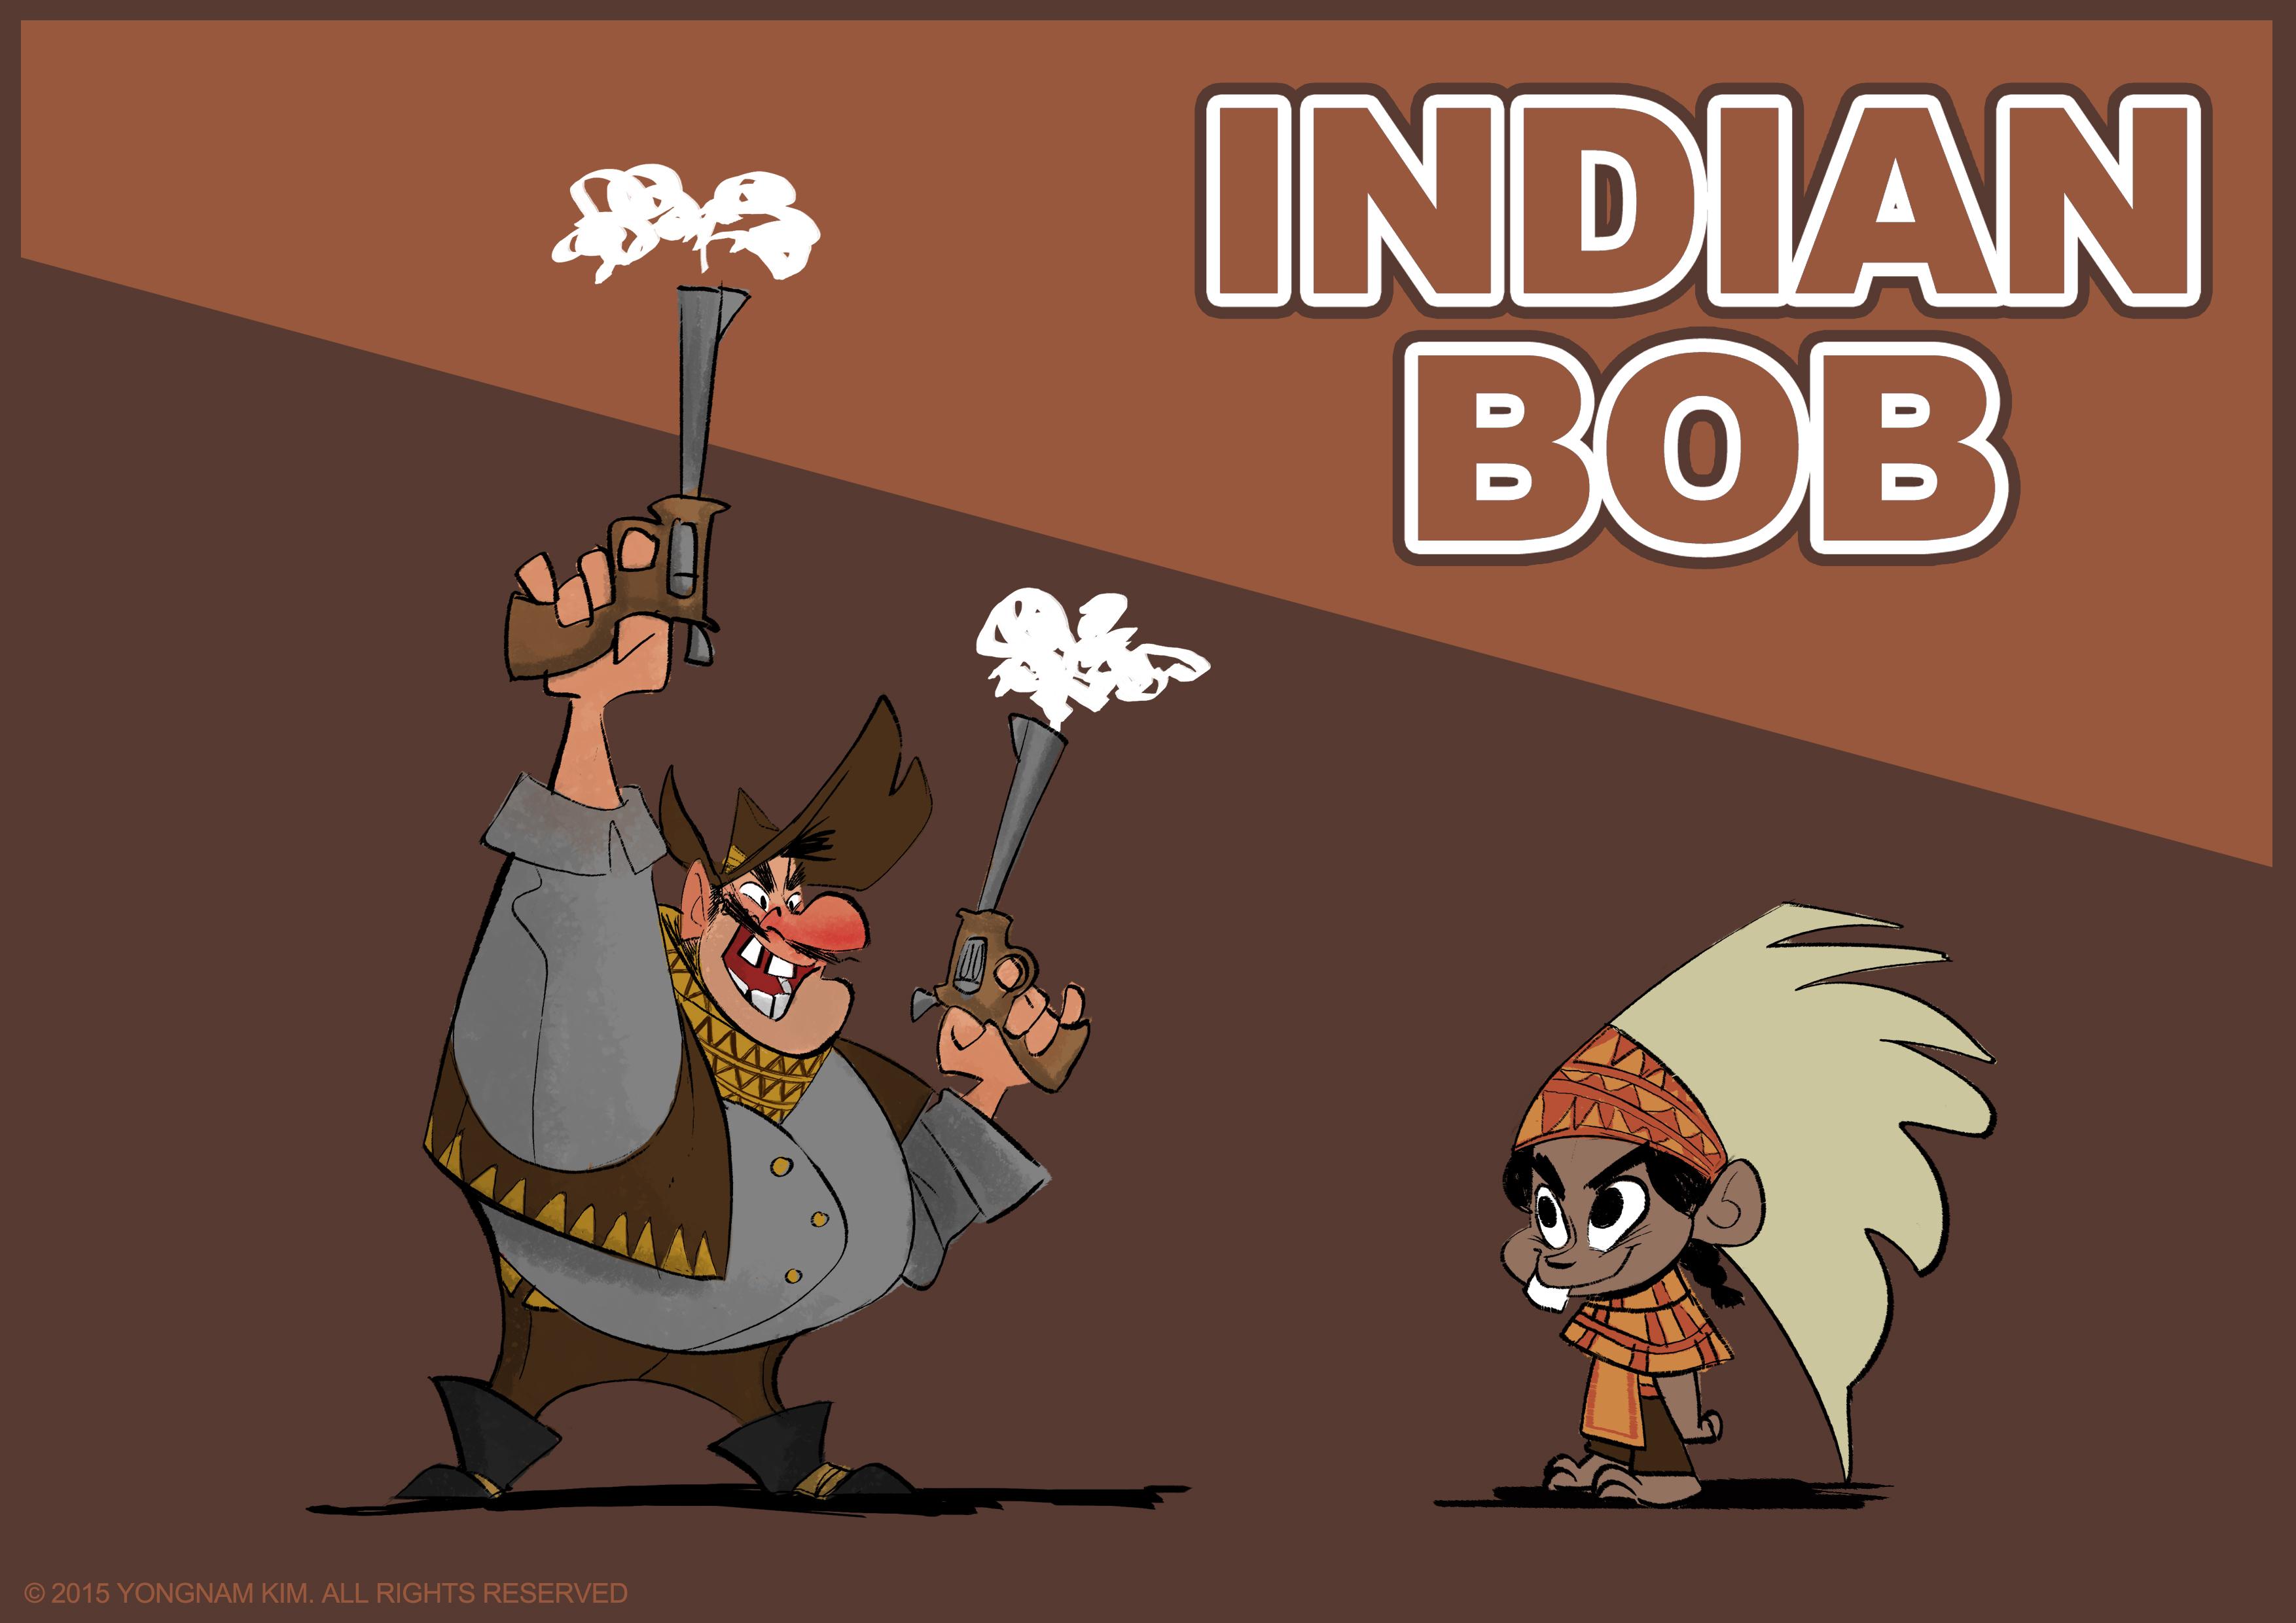 indianbob